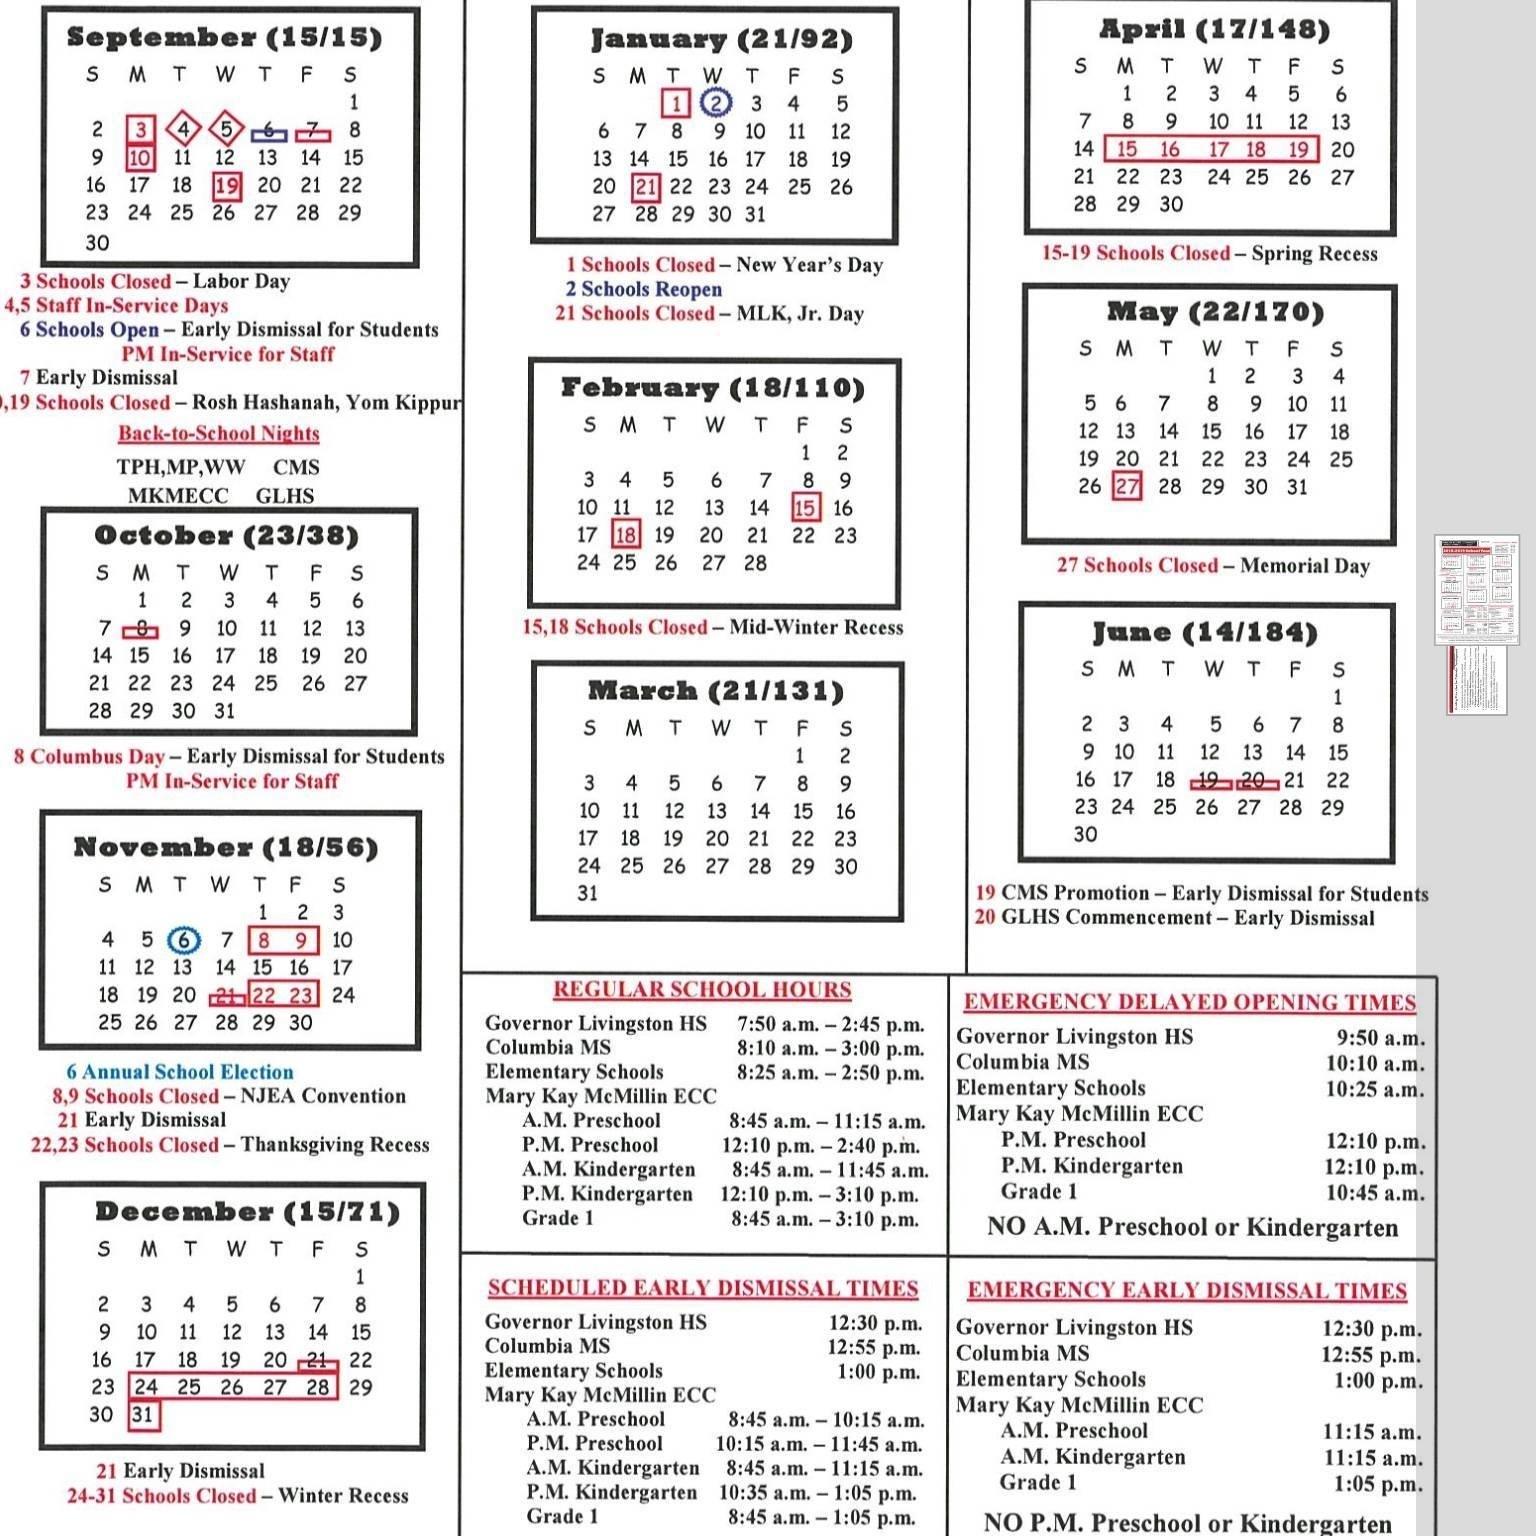 Uc Berkeley Academic Calendar 2018-19 Download For Totally Free with regard to Uc Berkeley Academic Calendar 2019-2020